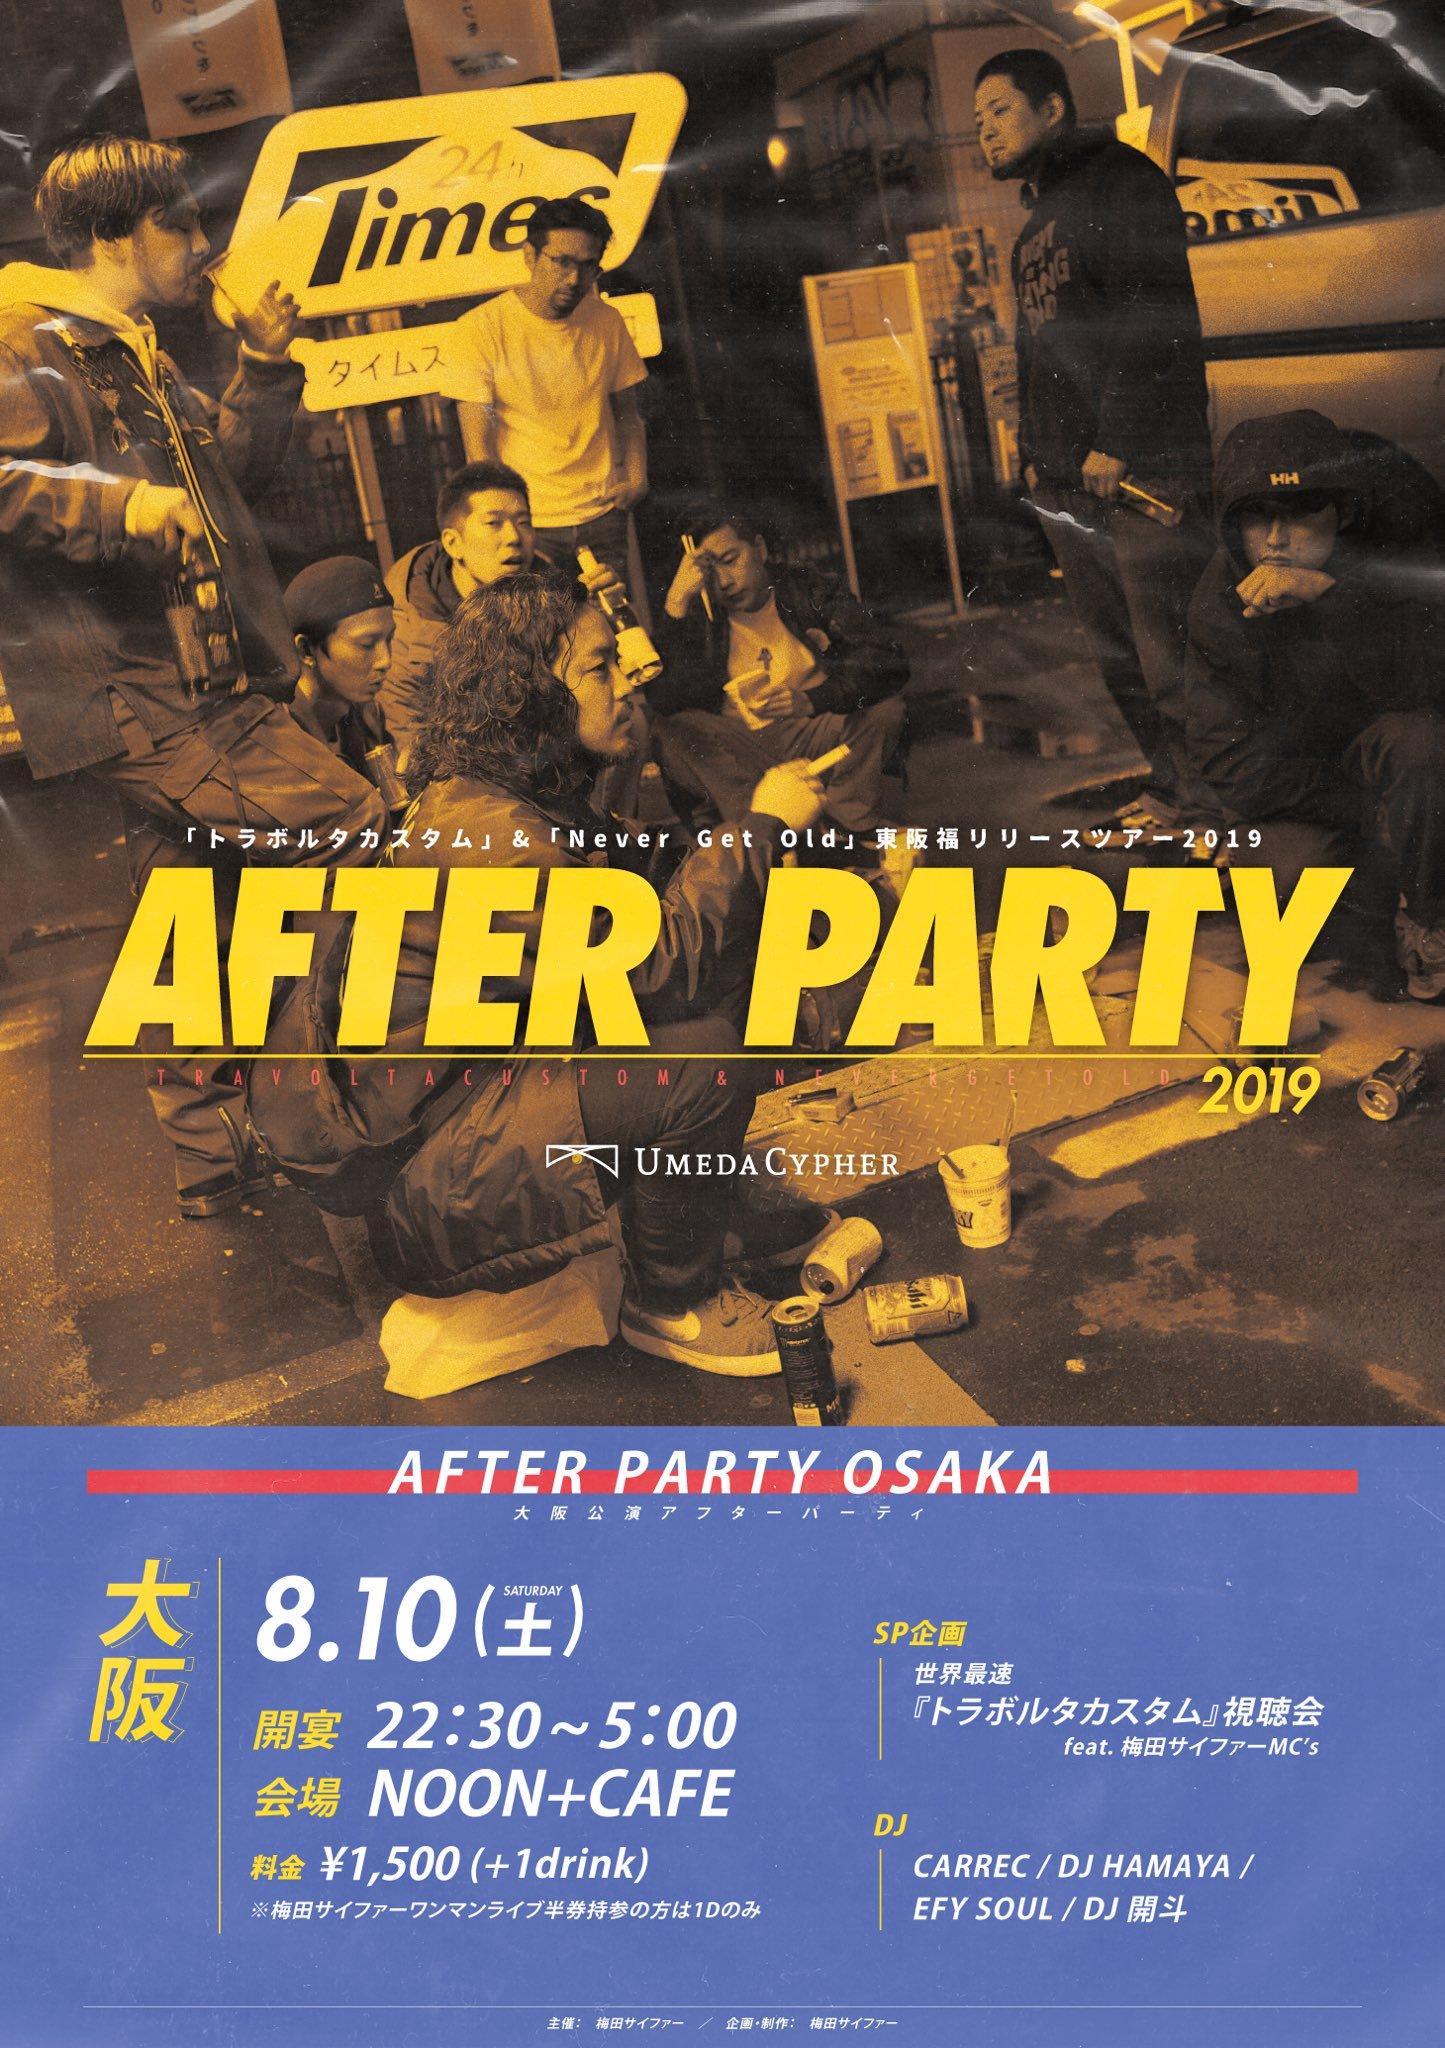 梅田サイファー 東阪福 RELEASE TOUR 2019 大阪 アフターパーティー